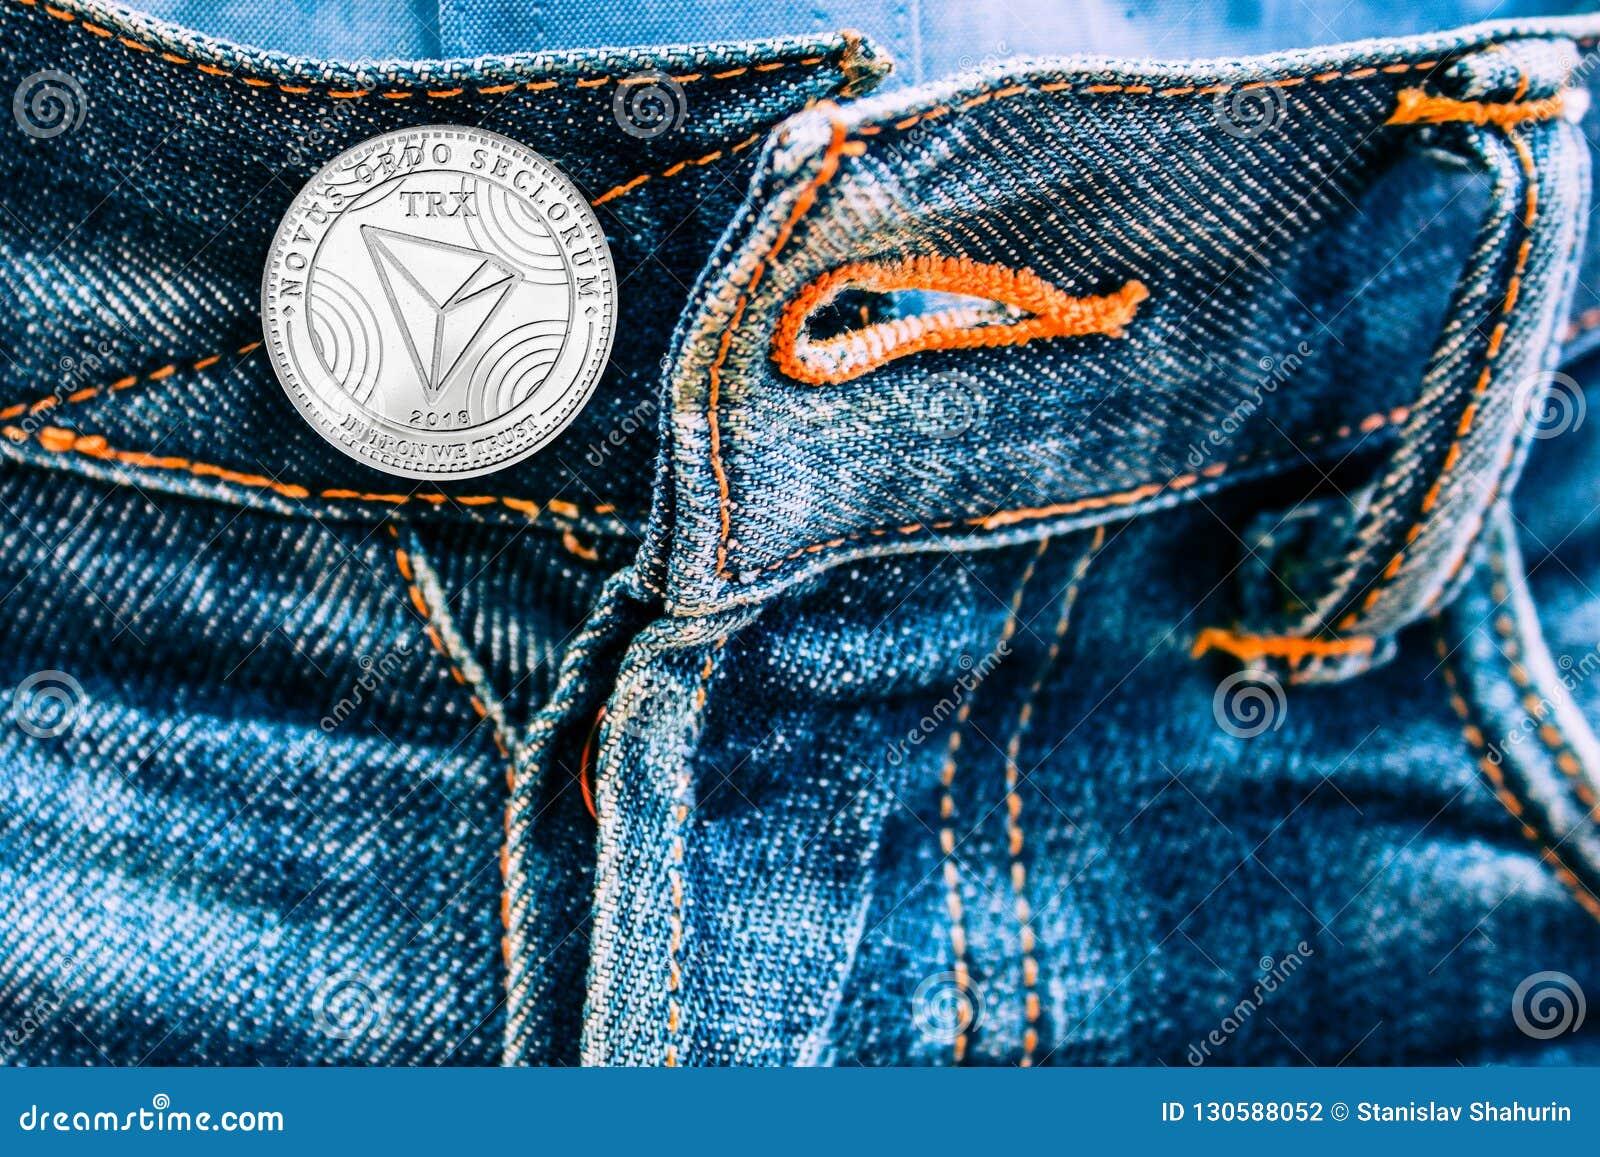 Trx moneta zamiast guzików na cajgach